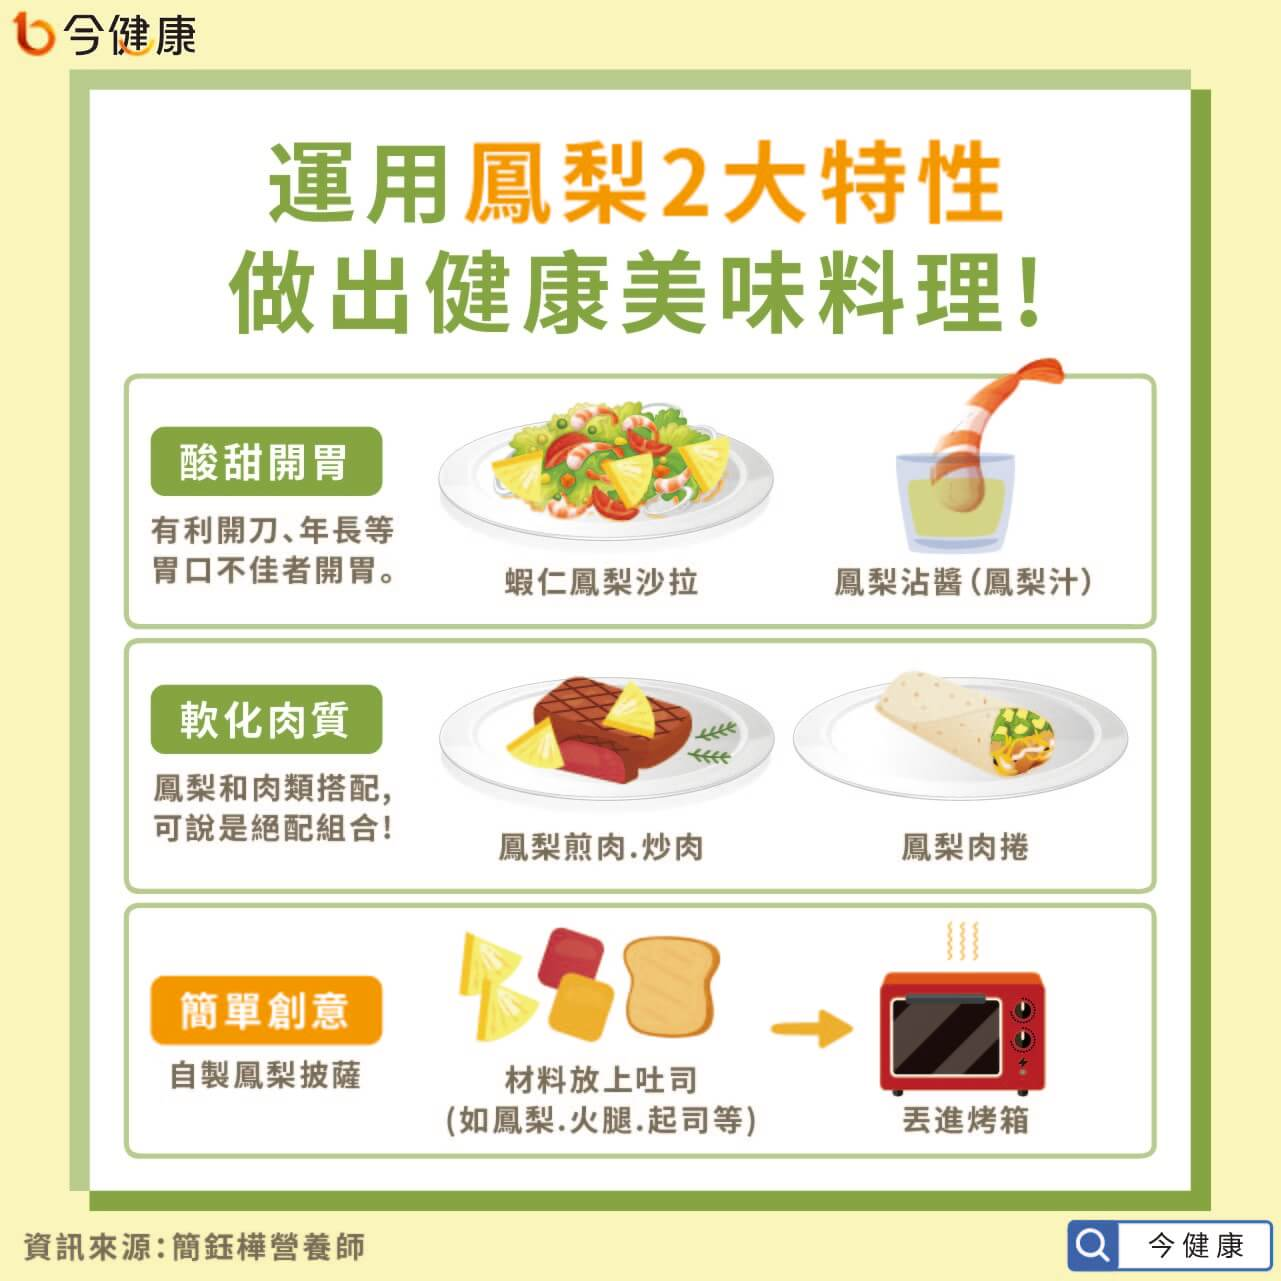 運用鳳梨二大特性,做出健康美味料理